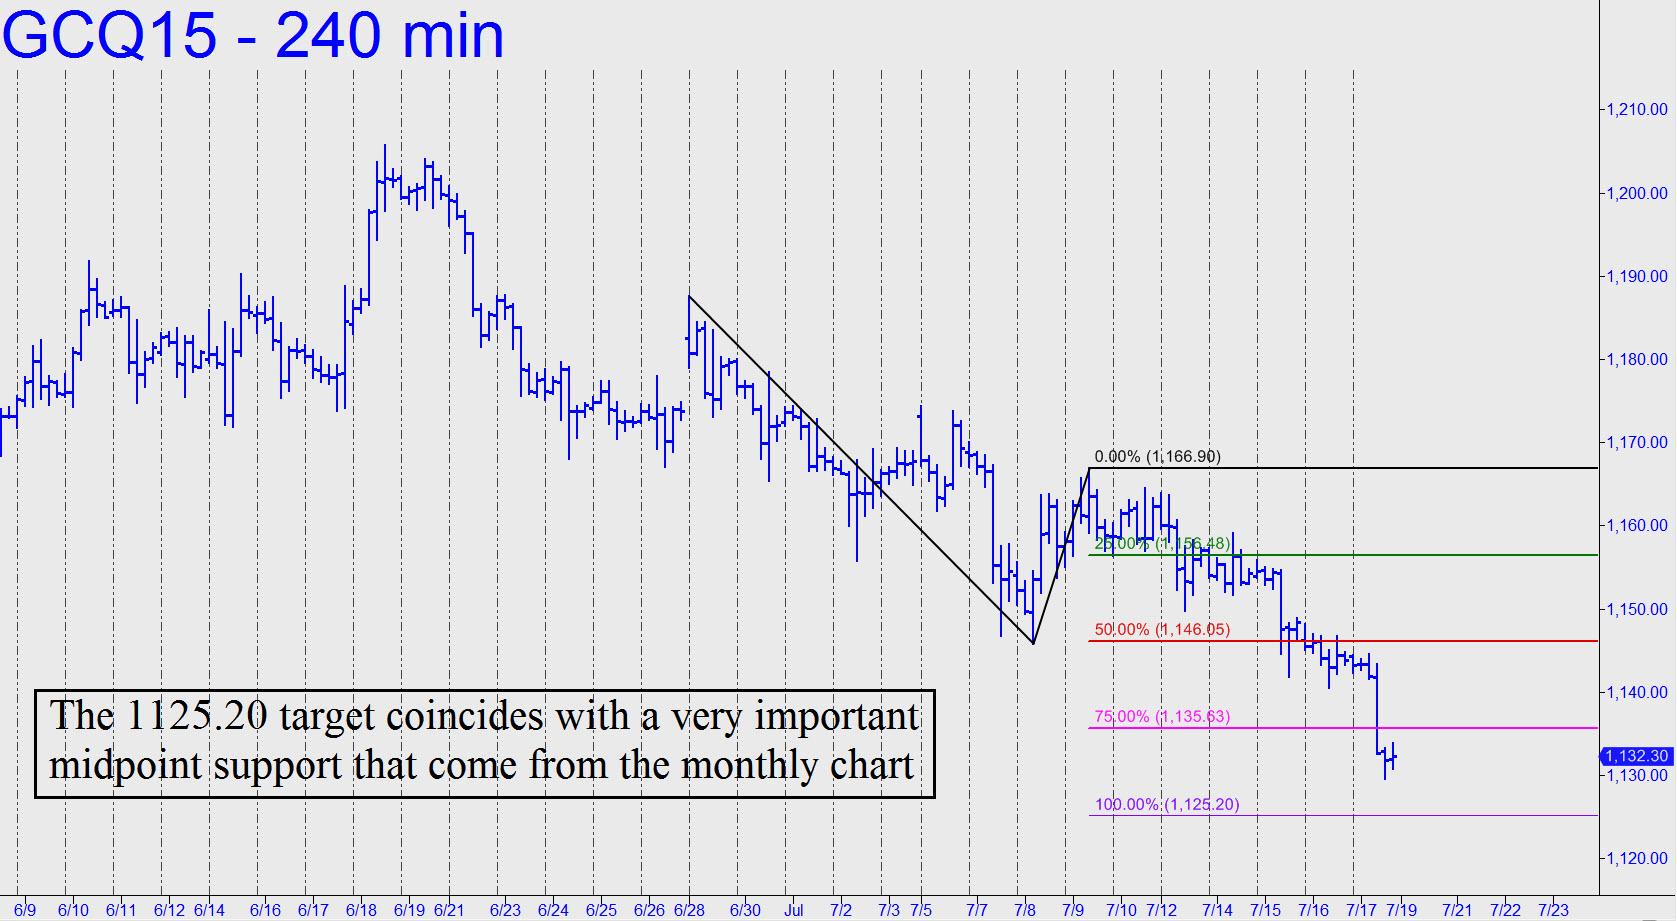 prix de l'or, de l'argent et des minières / suivi 2015 et ultérieurement - Page 4 Gold-target-coincides-with